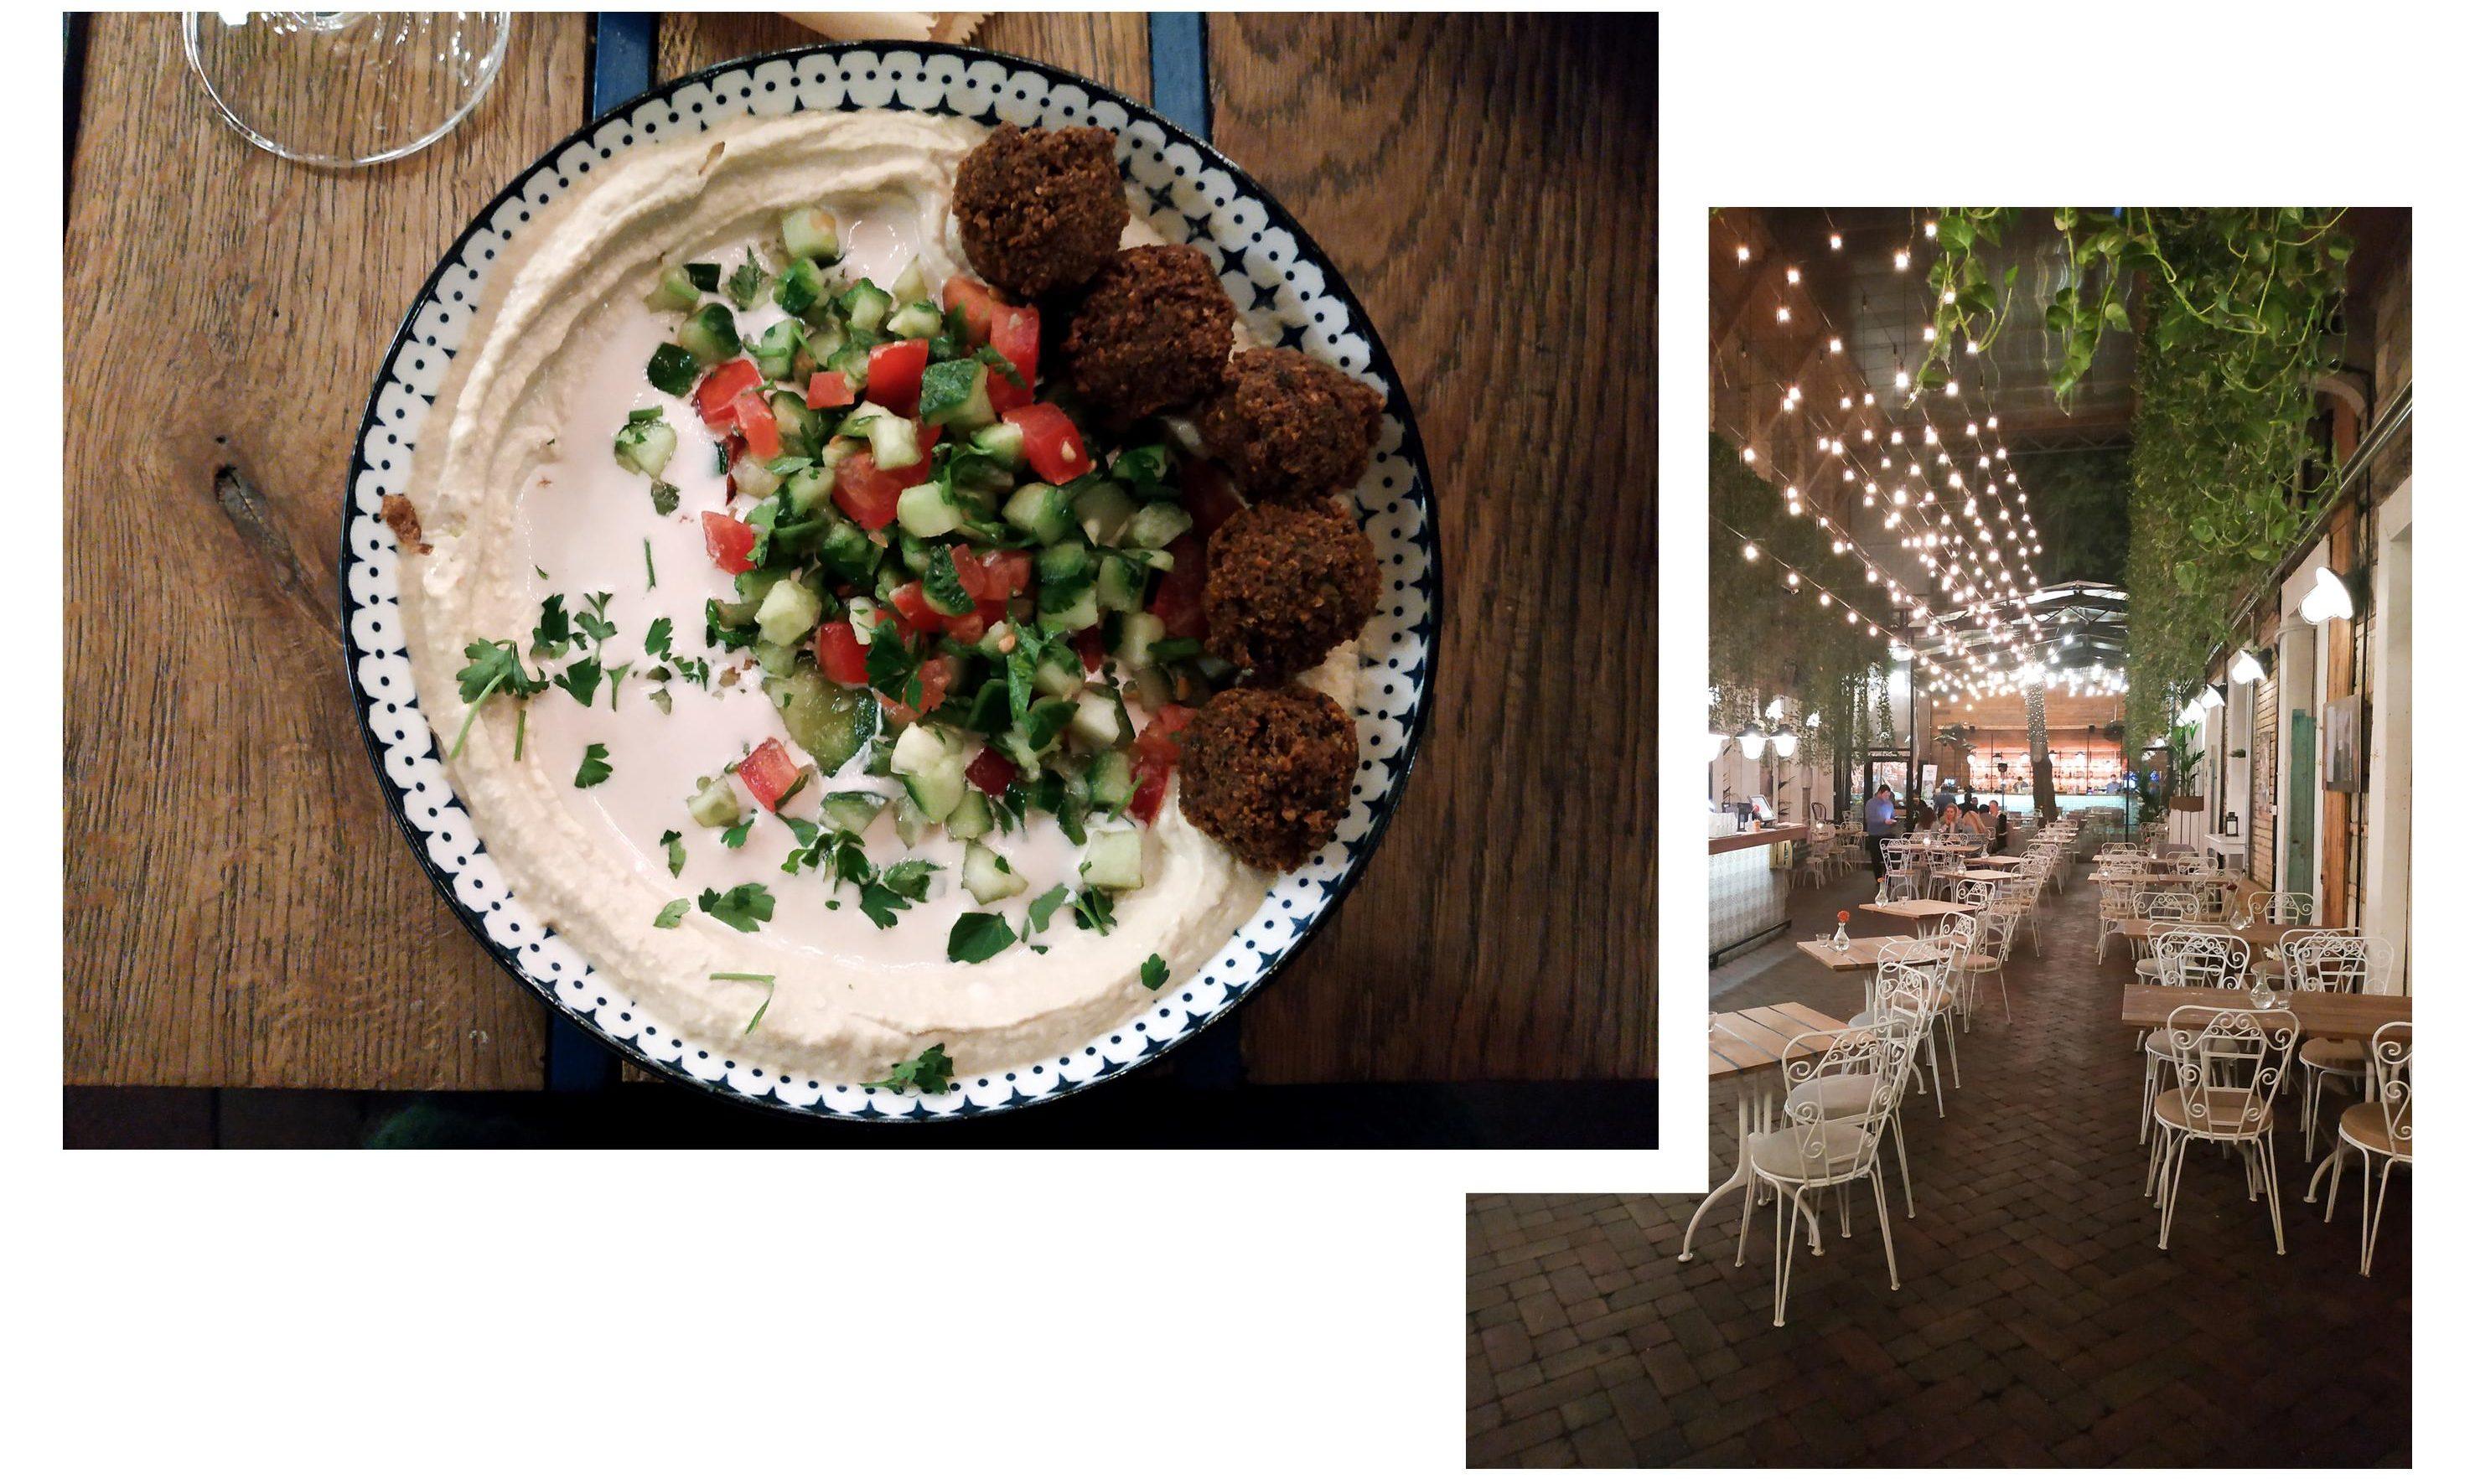 Mazel Tov (cuisine méditerranéenne) : Restaurants, bars, cafés, ... voici un petit guide des bonnes adresses à Budapest pour vous aider lors de votre séjour dans la capitale hongroise.